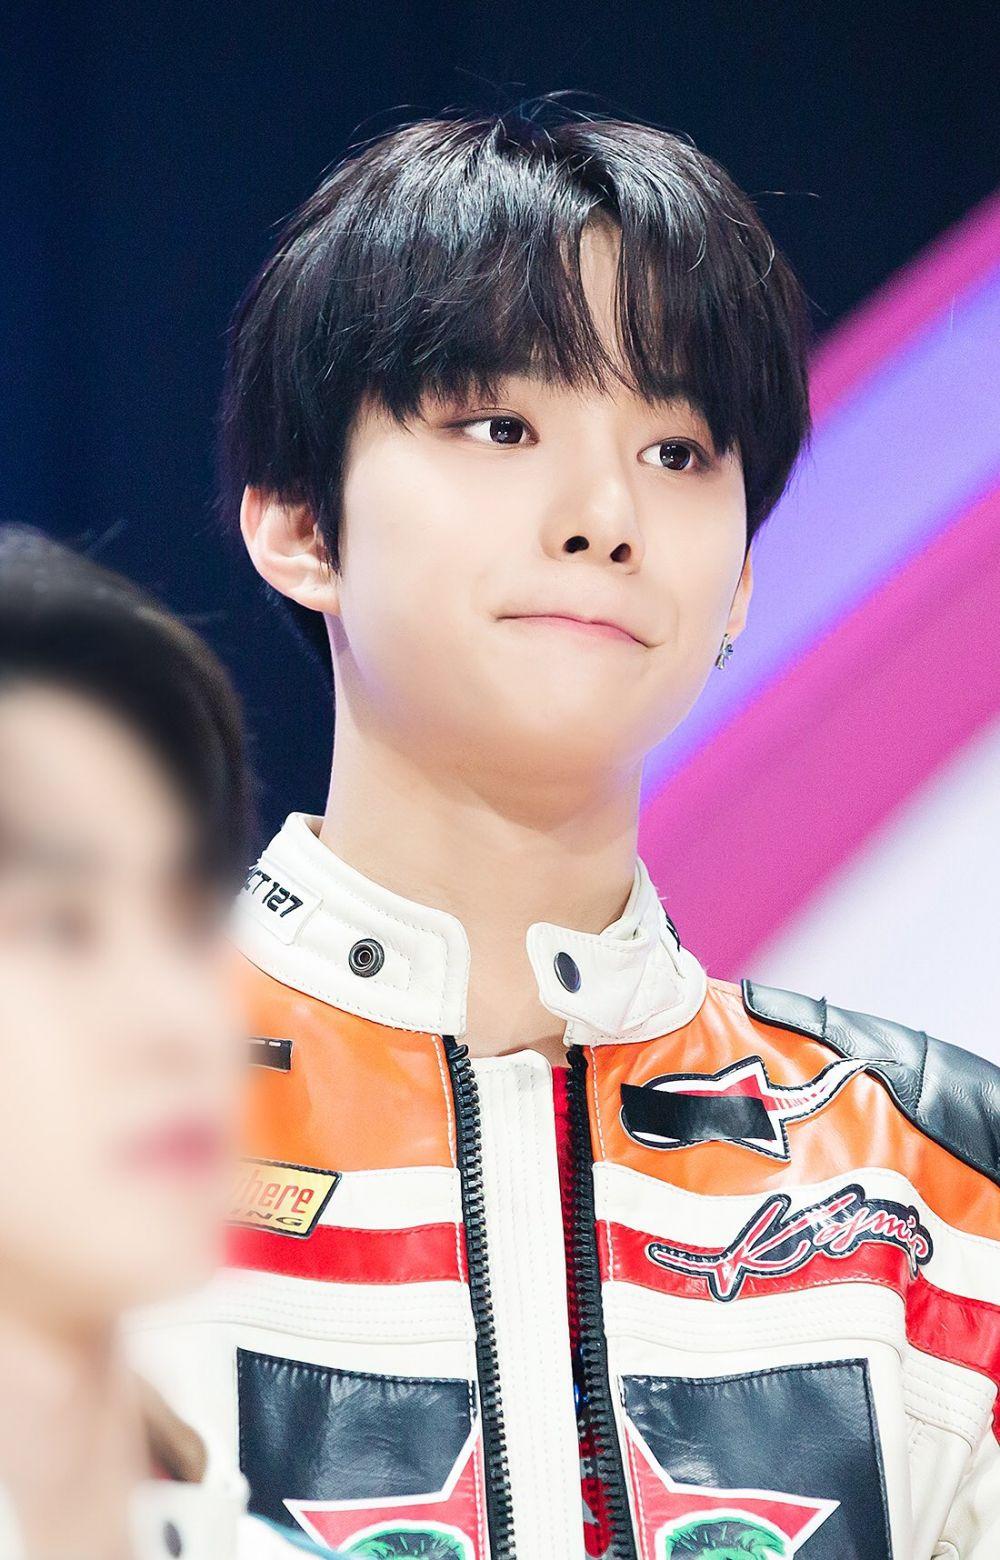 8 Potret Jungwoo NCT dengan Rambut Hitam, Makin Memikat!